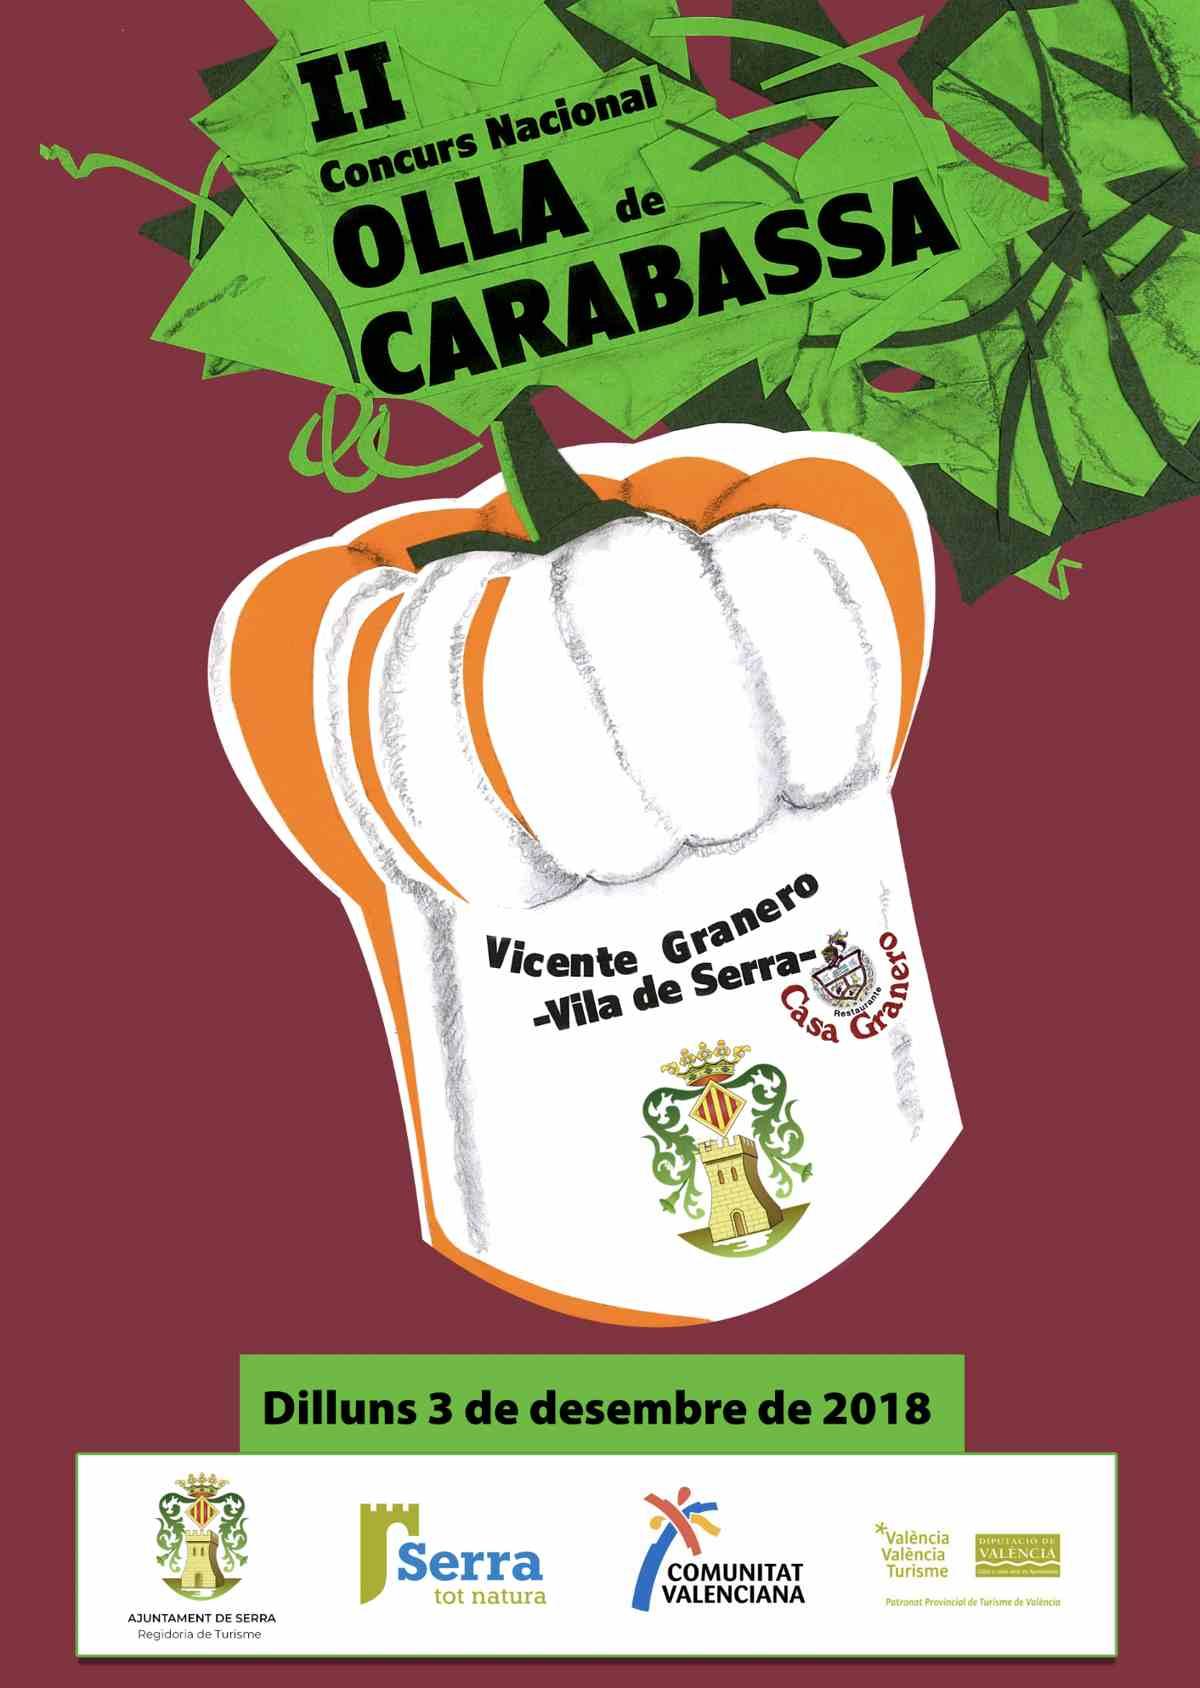 Serra celebra el II Concurs d'Olla de carabassa